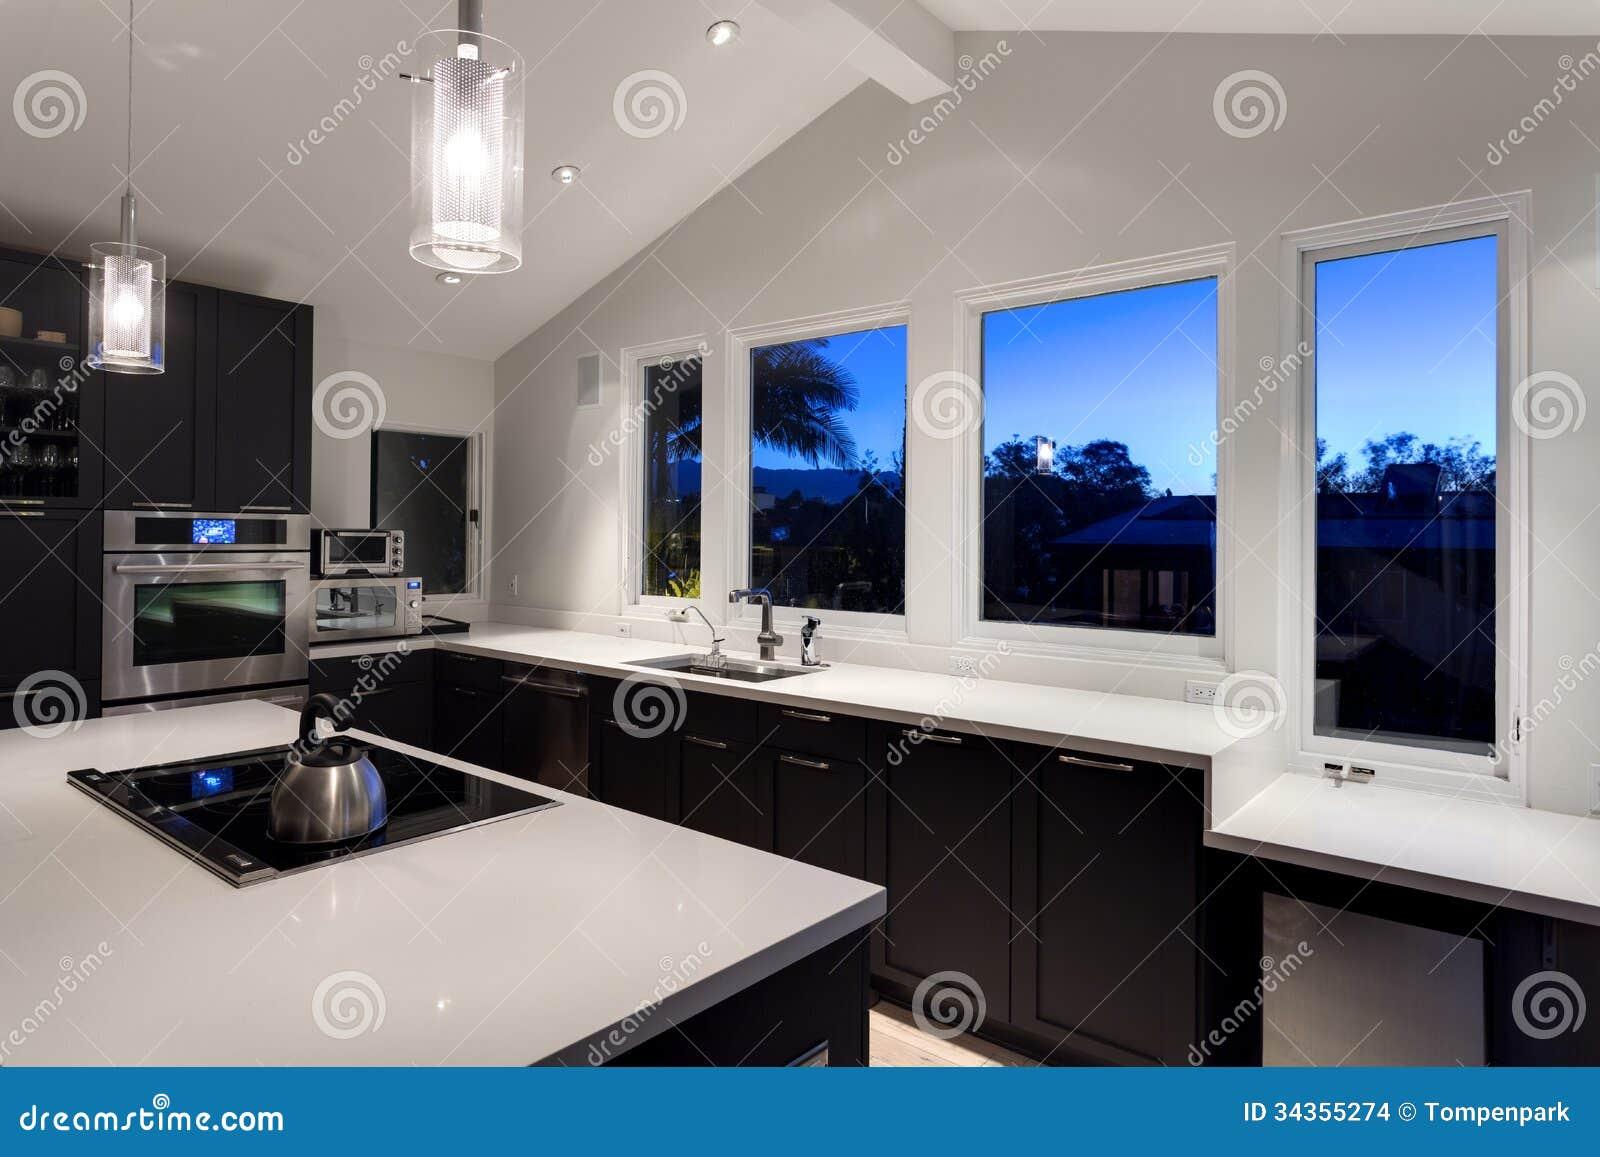 Una Cucina Moderna In Una Casa Di Lusso Fotografia Stock - Immagine ...